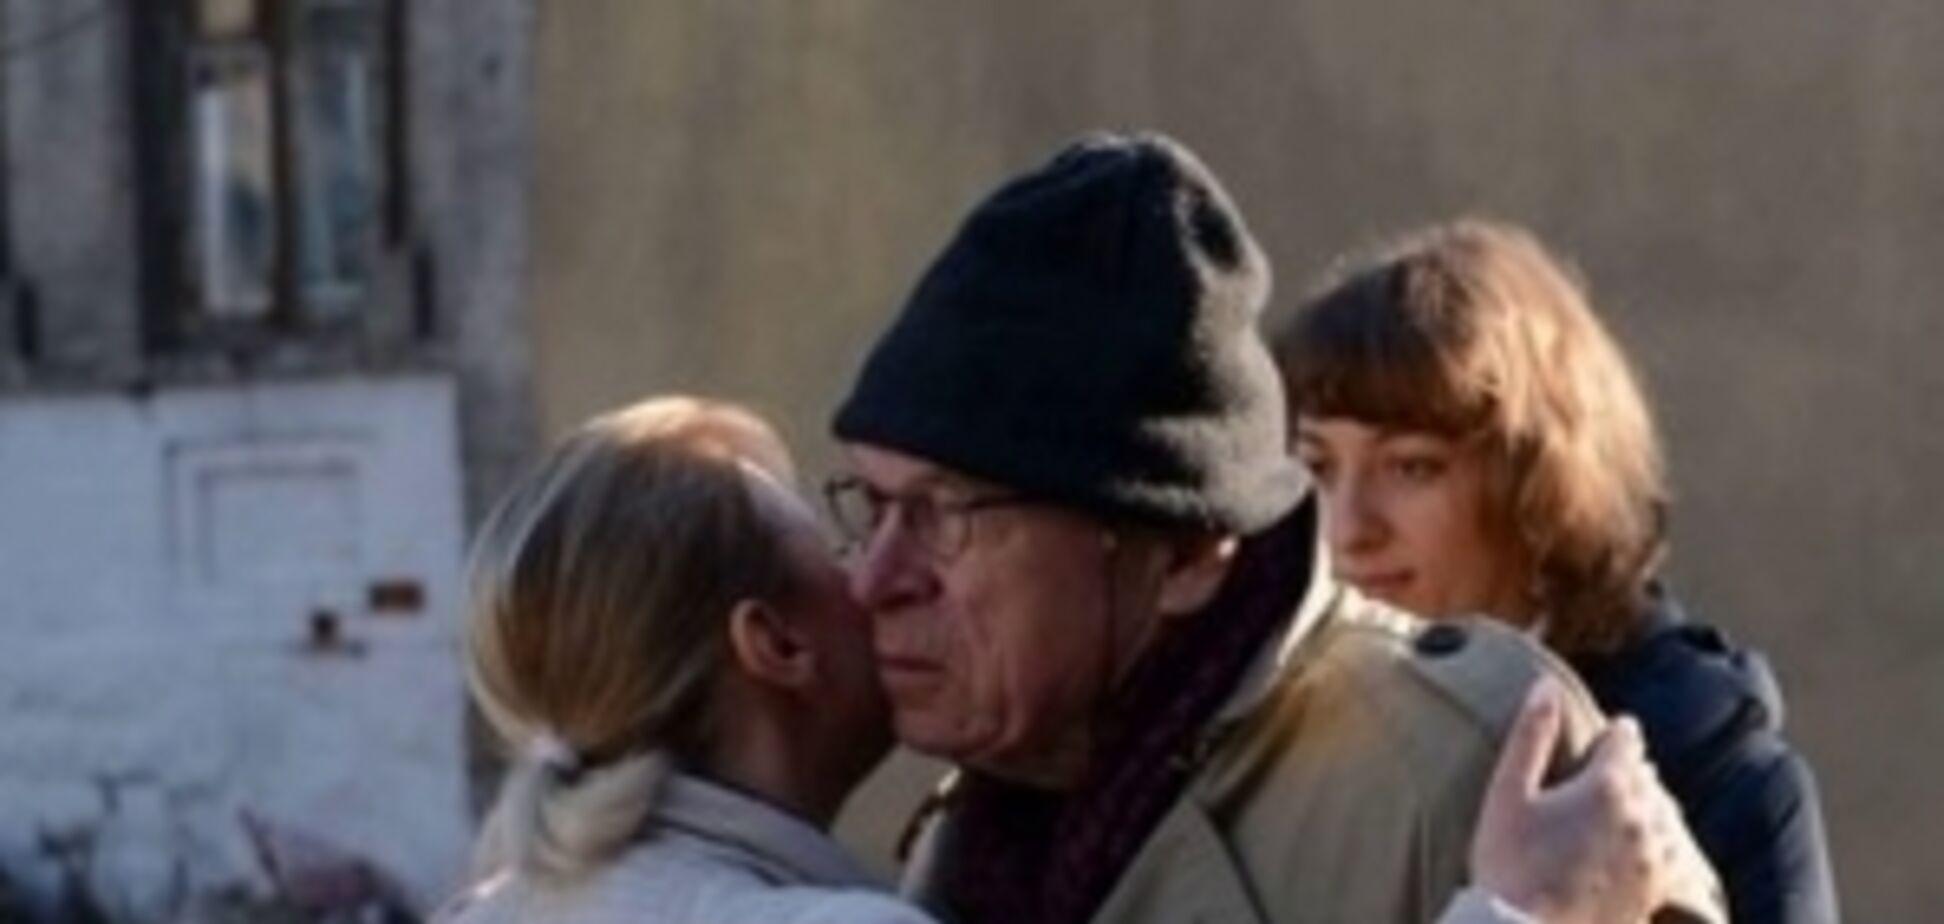 Обнимался с террористами: координатор ОБСЕ попал в скандал в 'ДНР'